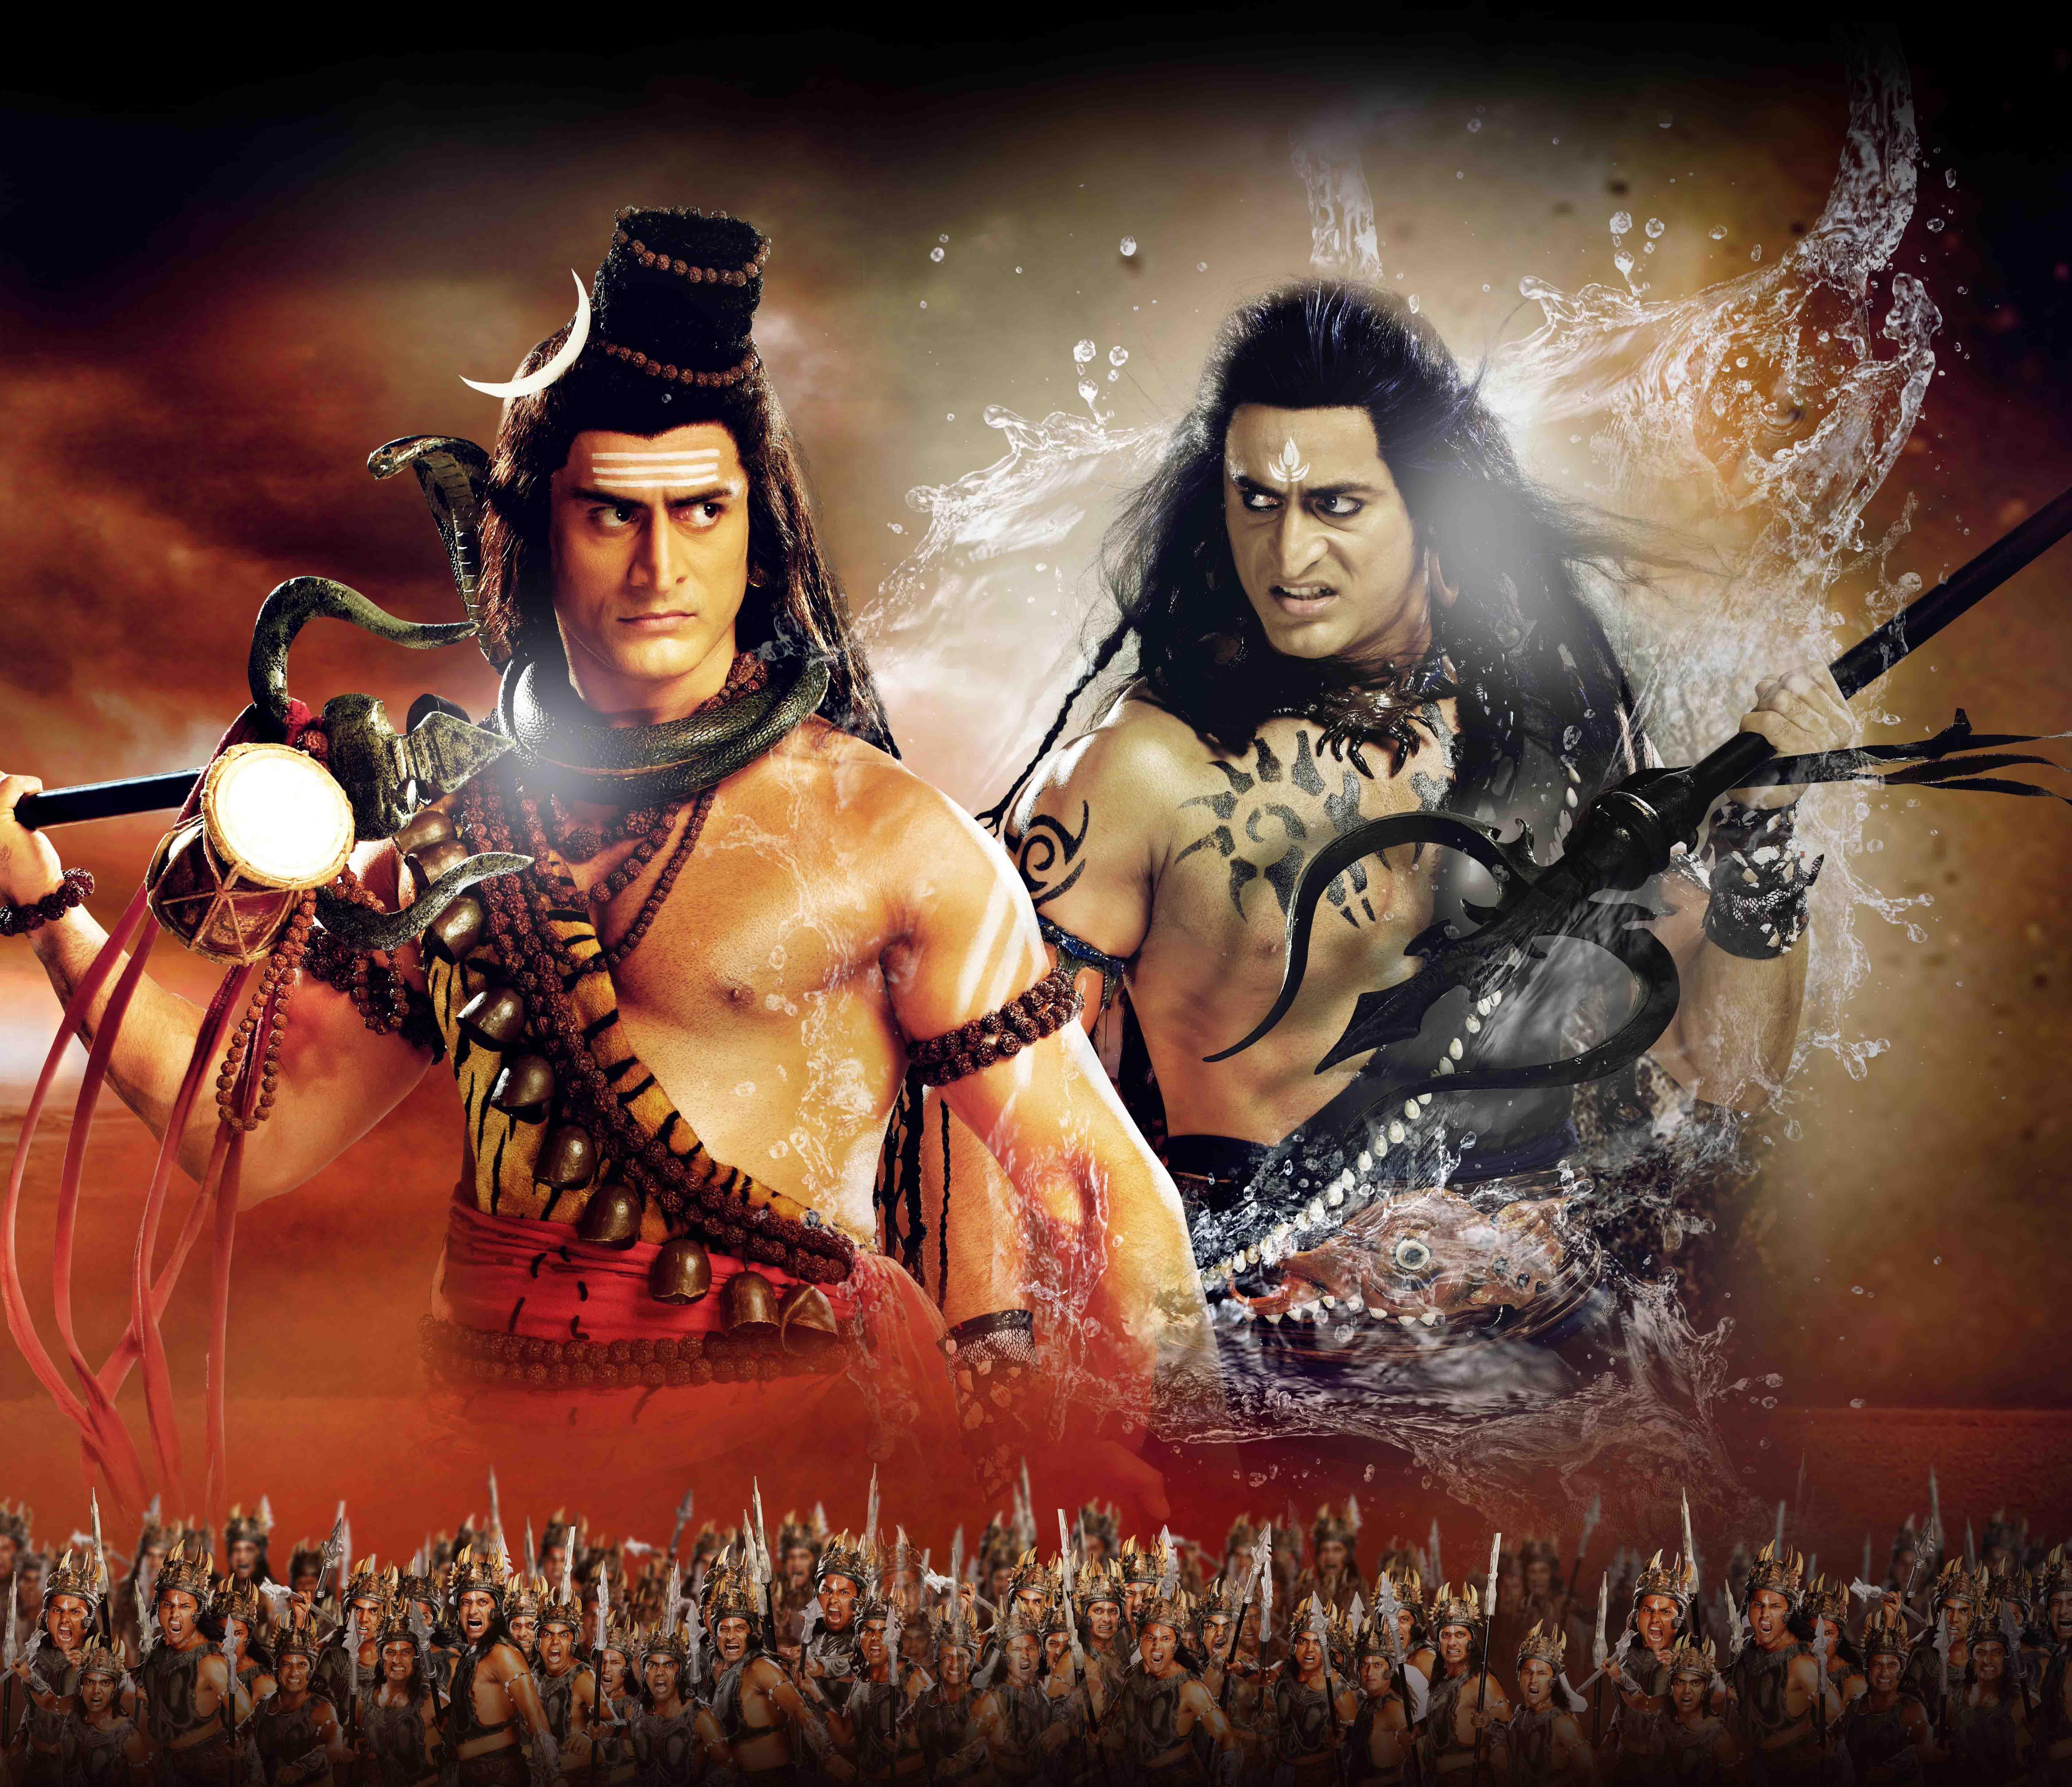 Обои для рабочего стола индия боги